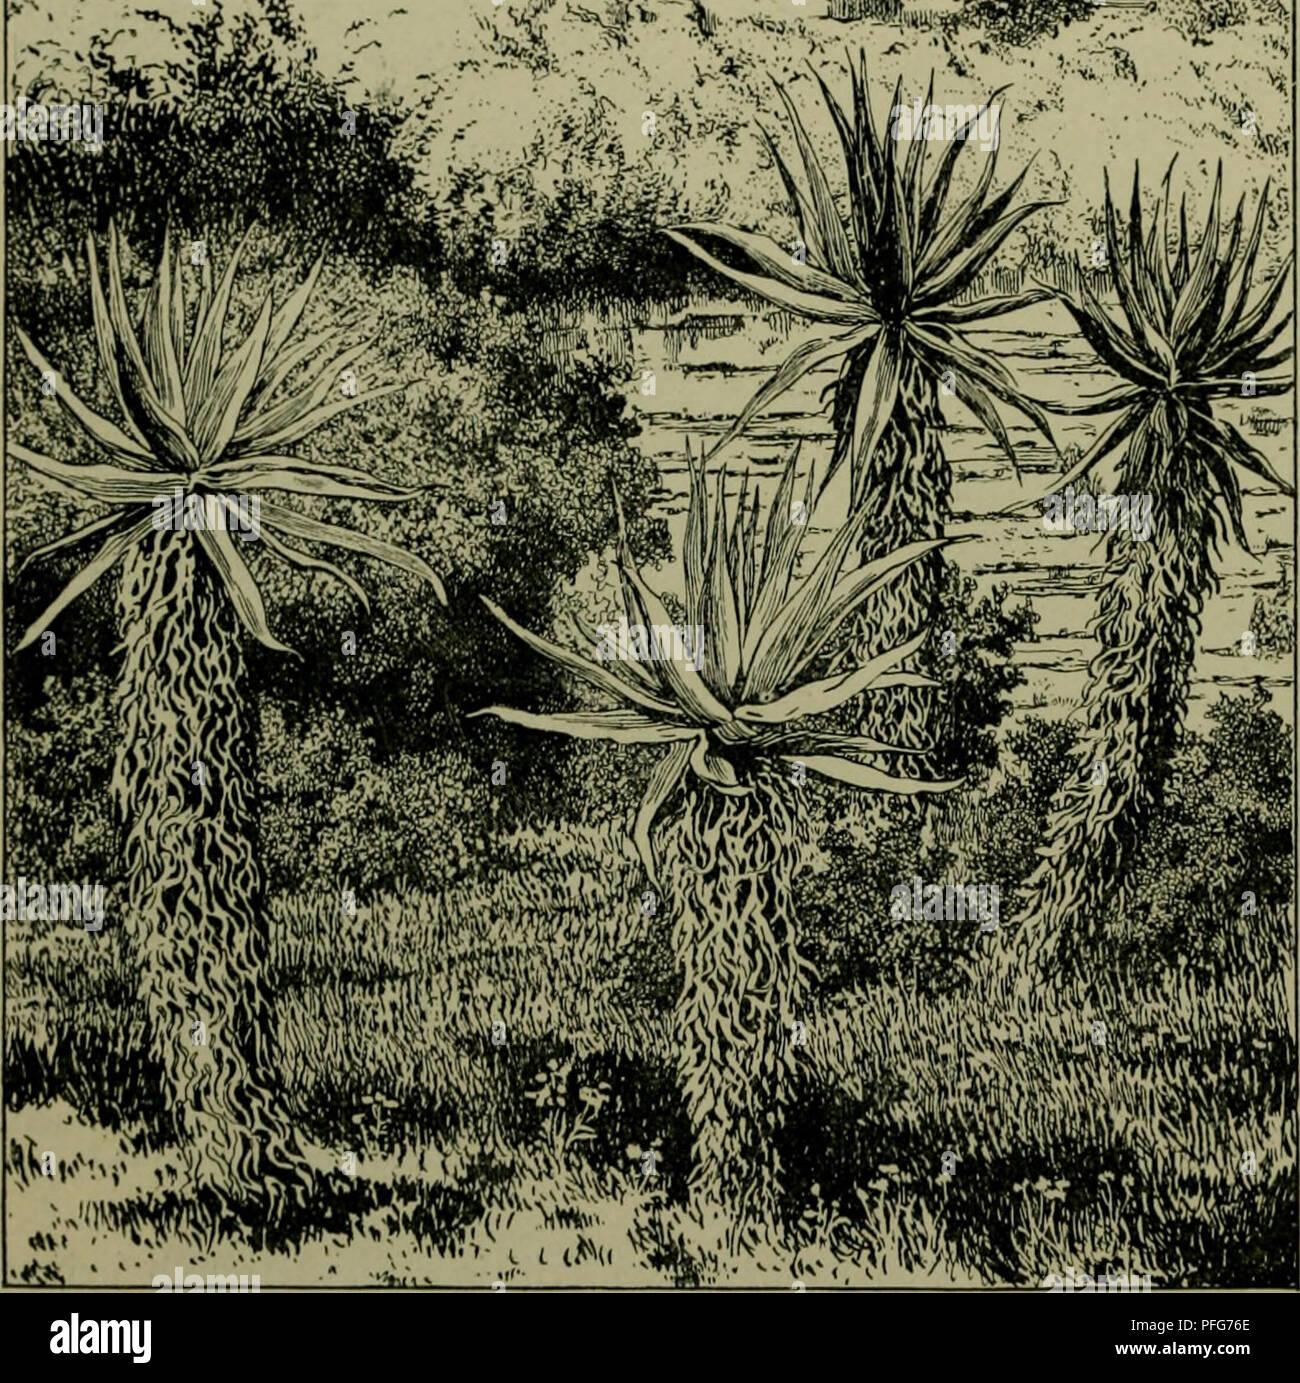 . Das Leben der Pflanze. Plants; Plants; Plants; Phytogeography. 482 %ie tropifc^en ^flonjenformationen. :>^fii .^^^ .%: einen Sd^u^ gegen bte ait§troc!nenbe 2Bir!ung be§ SBtnbe§ barfteflt, fd)etnt einleuc^tenb, bo nur bte fc^molen Seiten ber i^lronen ifjr auSgefe^t finb. 2luc^ im Saoannentüalb finben firf) ßianen redjt l^Qufig, bocfi längft nicf)t in fo reicher 2lu§bilbiing luie im immergrünen Stegenmalbe; metft finb fie nur binbfaben» big fingerftorf, fe^r feiten armbicf (5lbb. 142). SSon ber großen SRoffe ber Uriralb=@pis plagten üermögen nurmenigebefons ber§ jeropl^il or» ganifierte, in - Stock Image